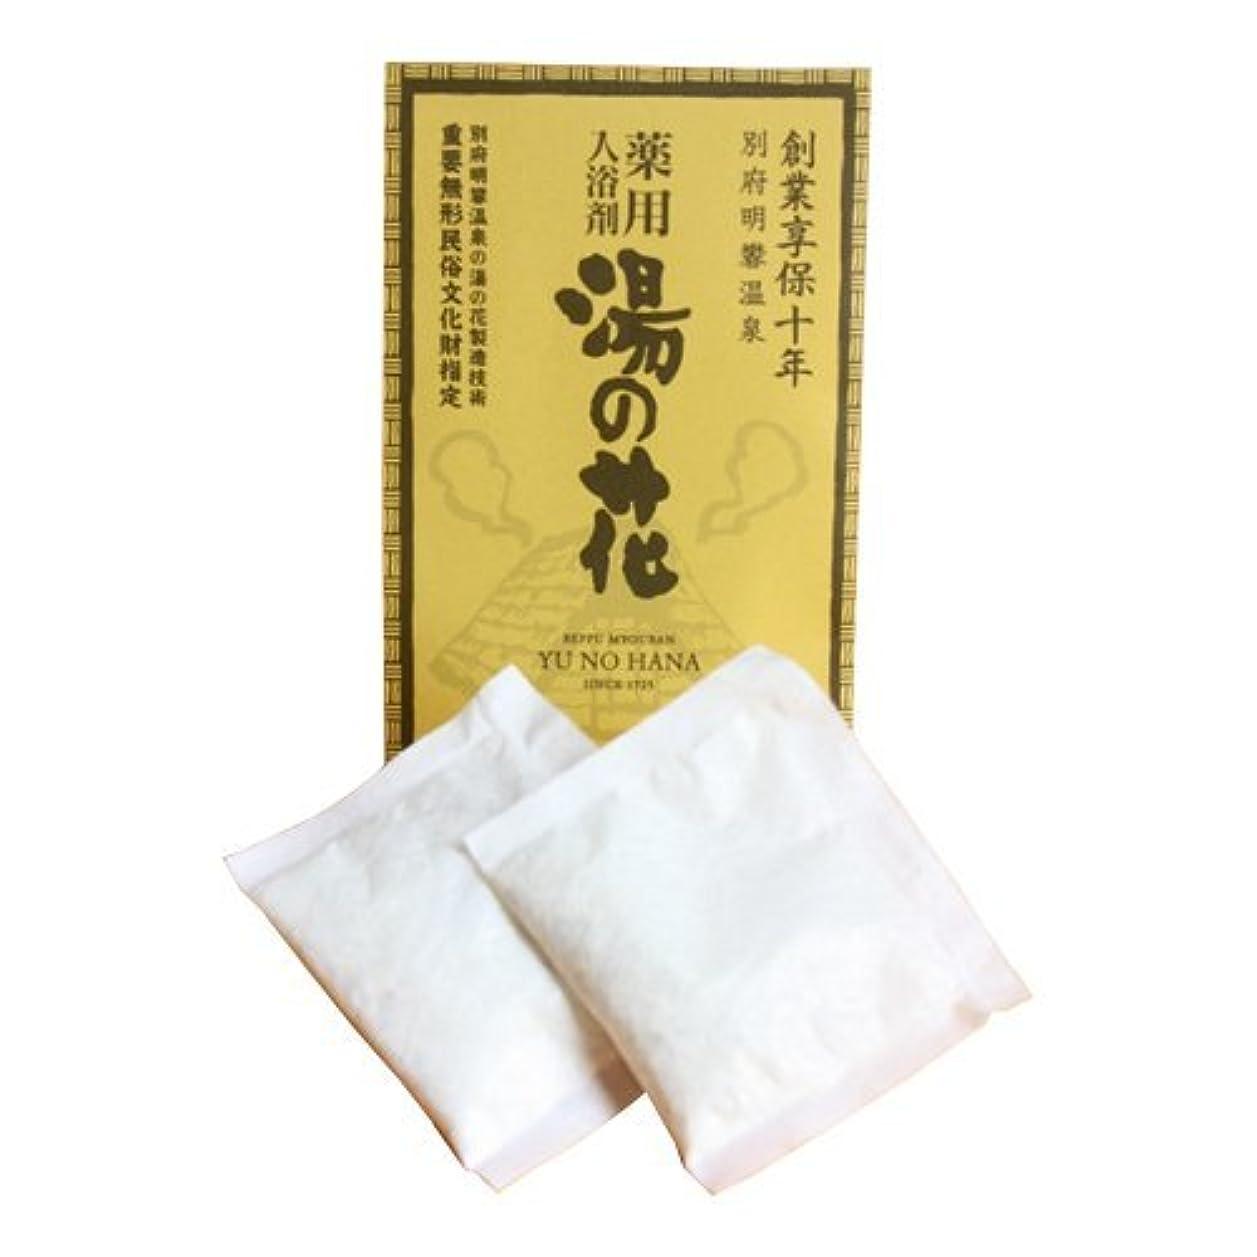 きれいに確保する可動式明礬(みょうばん)温泉 薬用湯の花 2回分